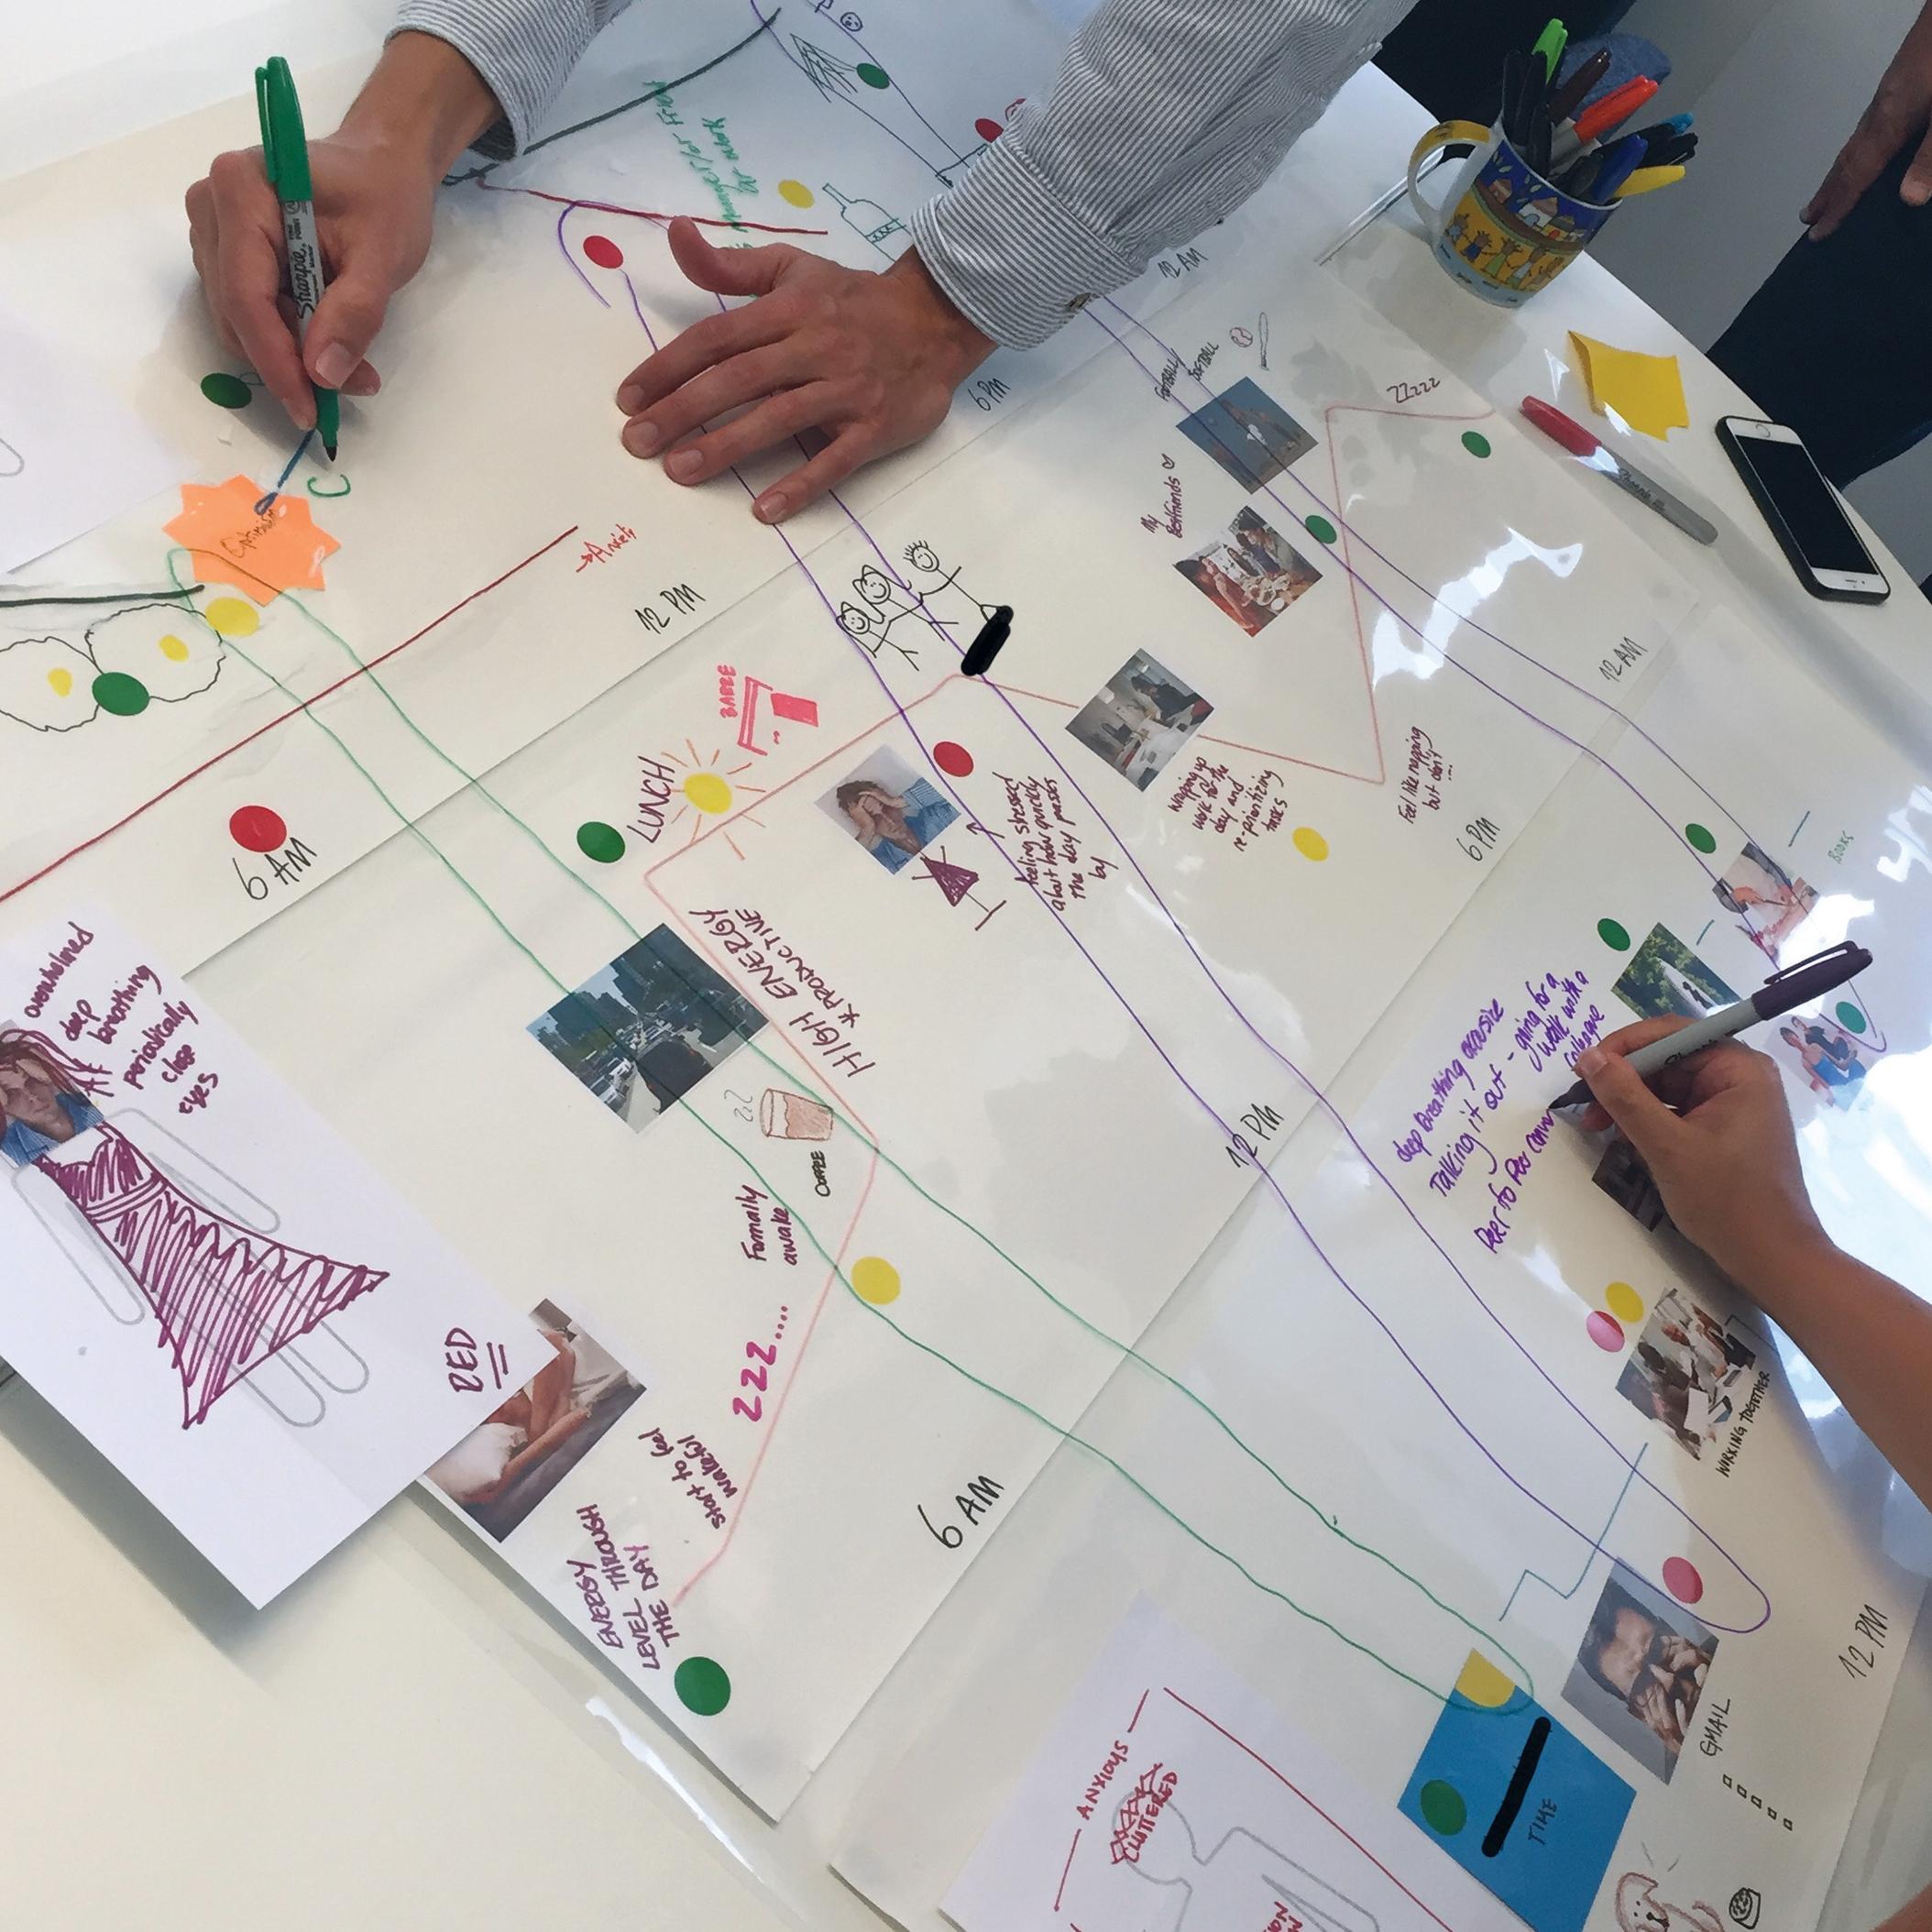 Co-creationActivities2.jpg